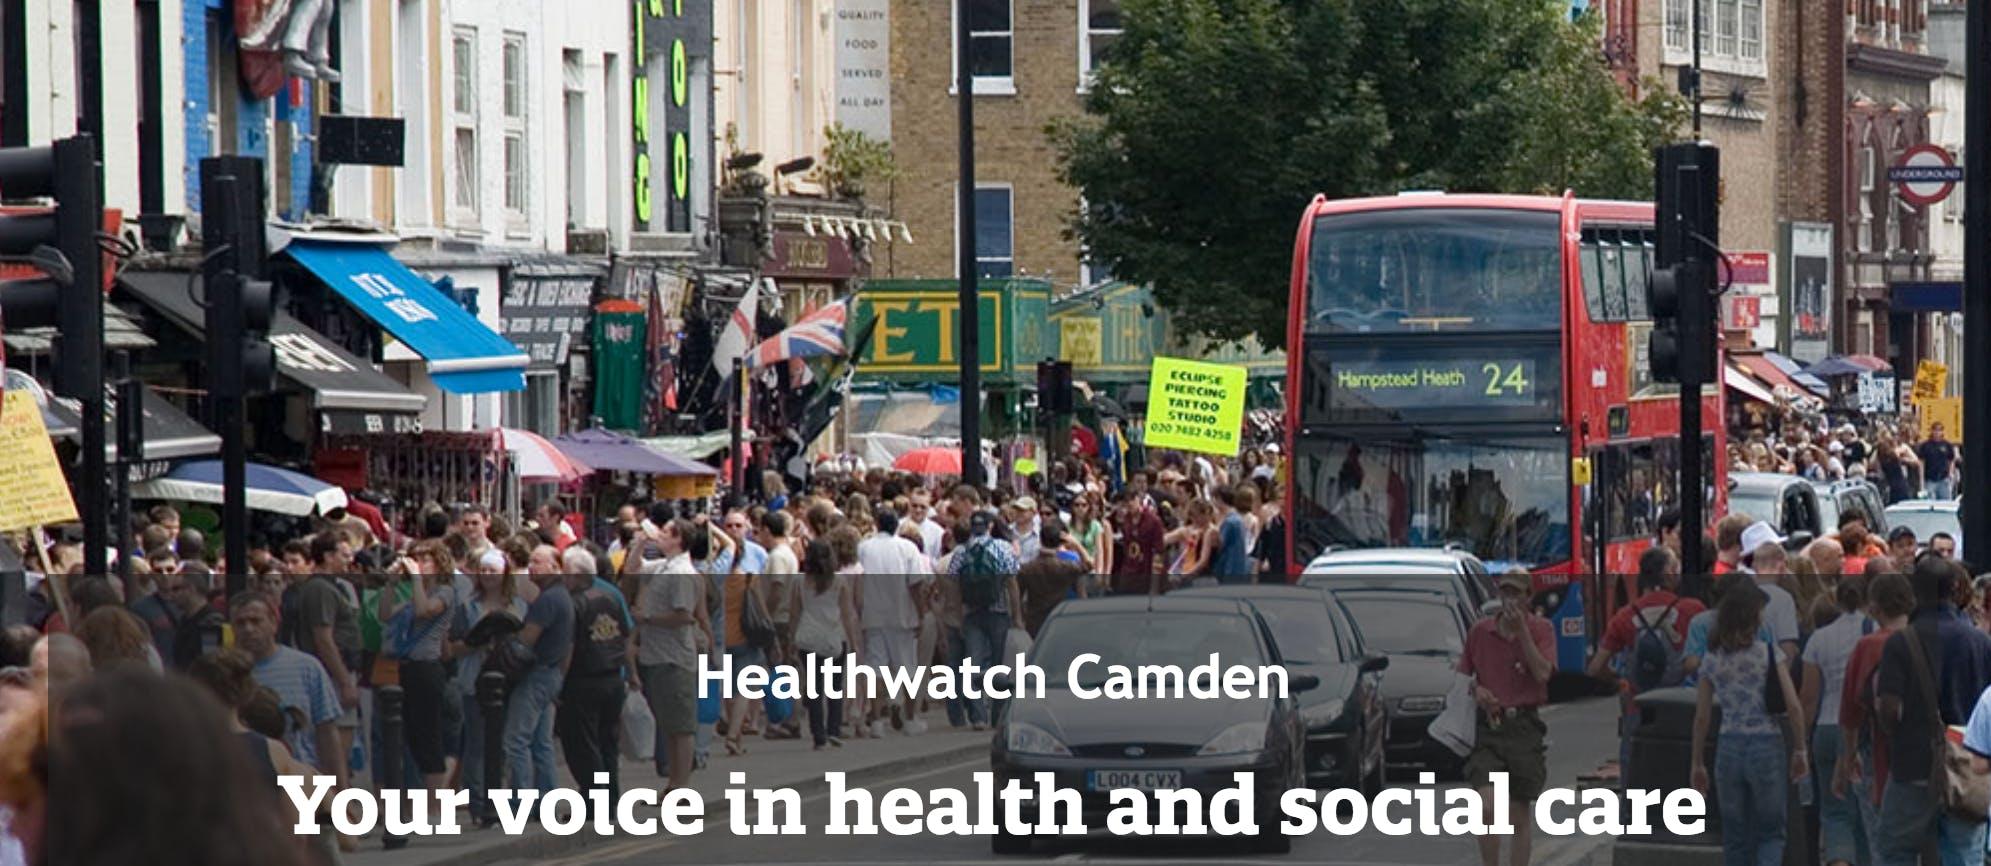 Healthwatch Camden